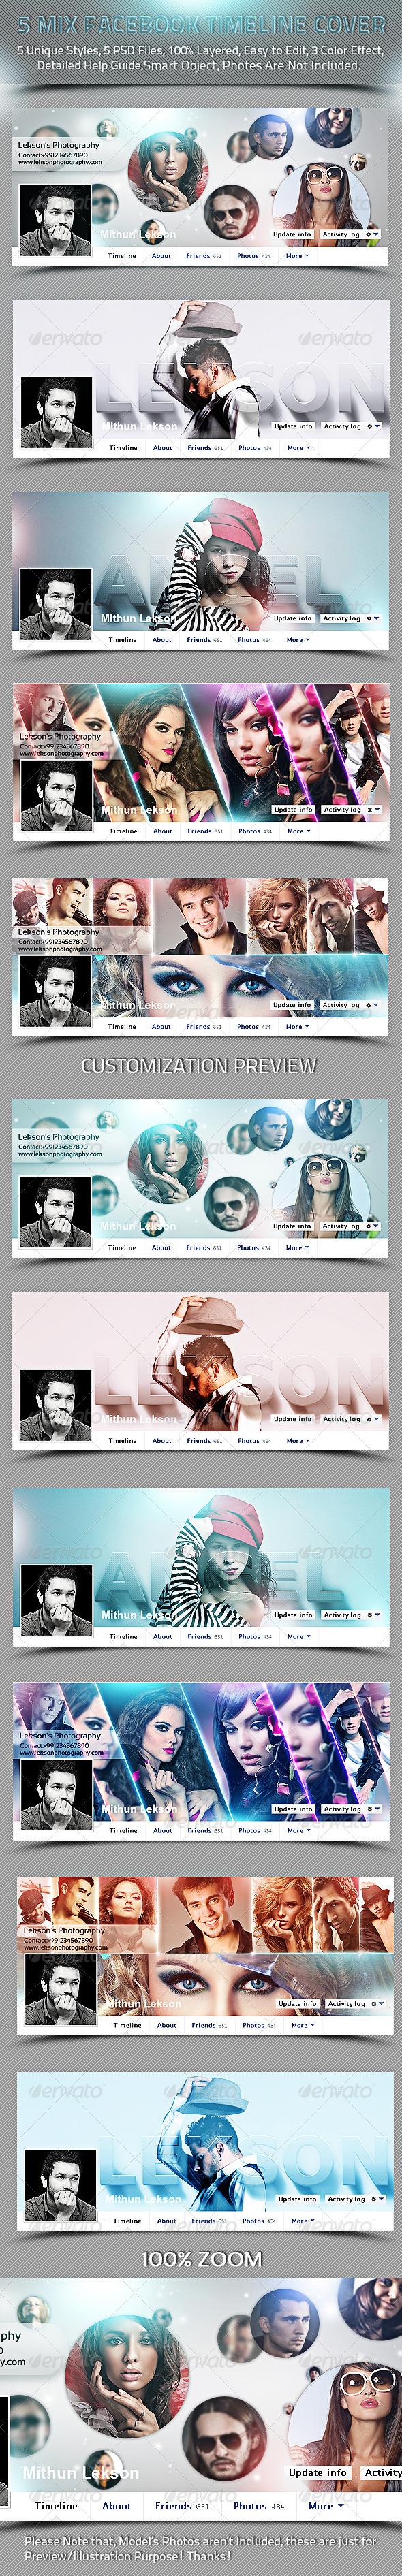 5 Mix Facebook Timeline Cover - Facebook Timeline Covers Social Media